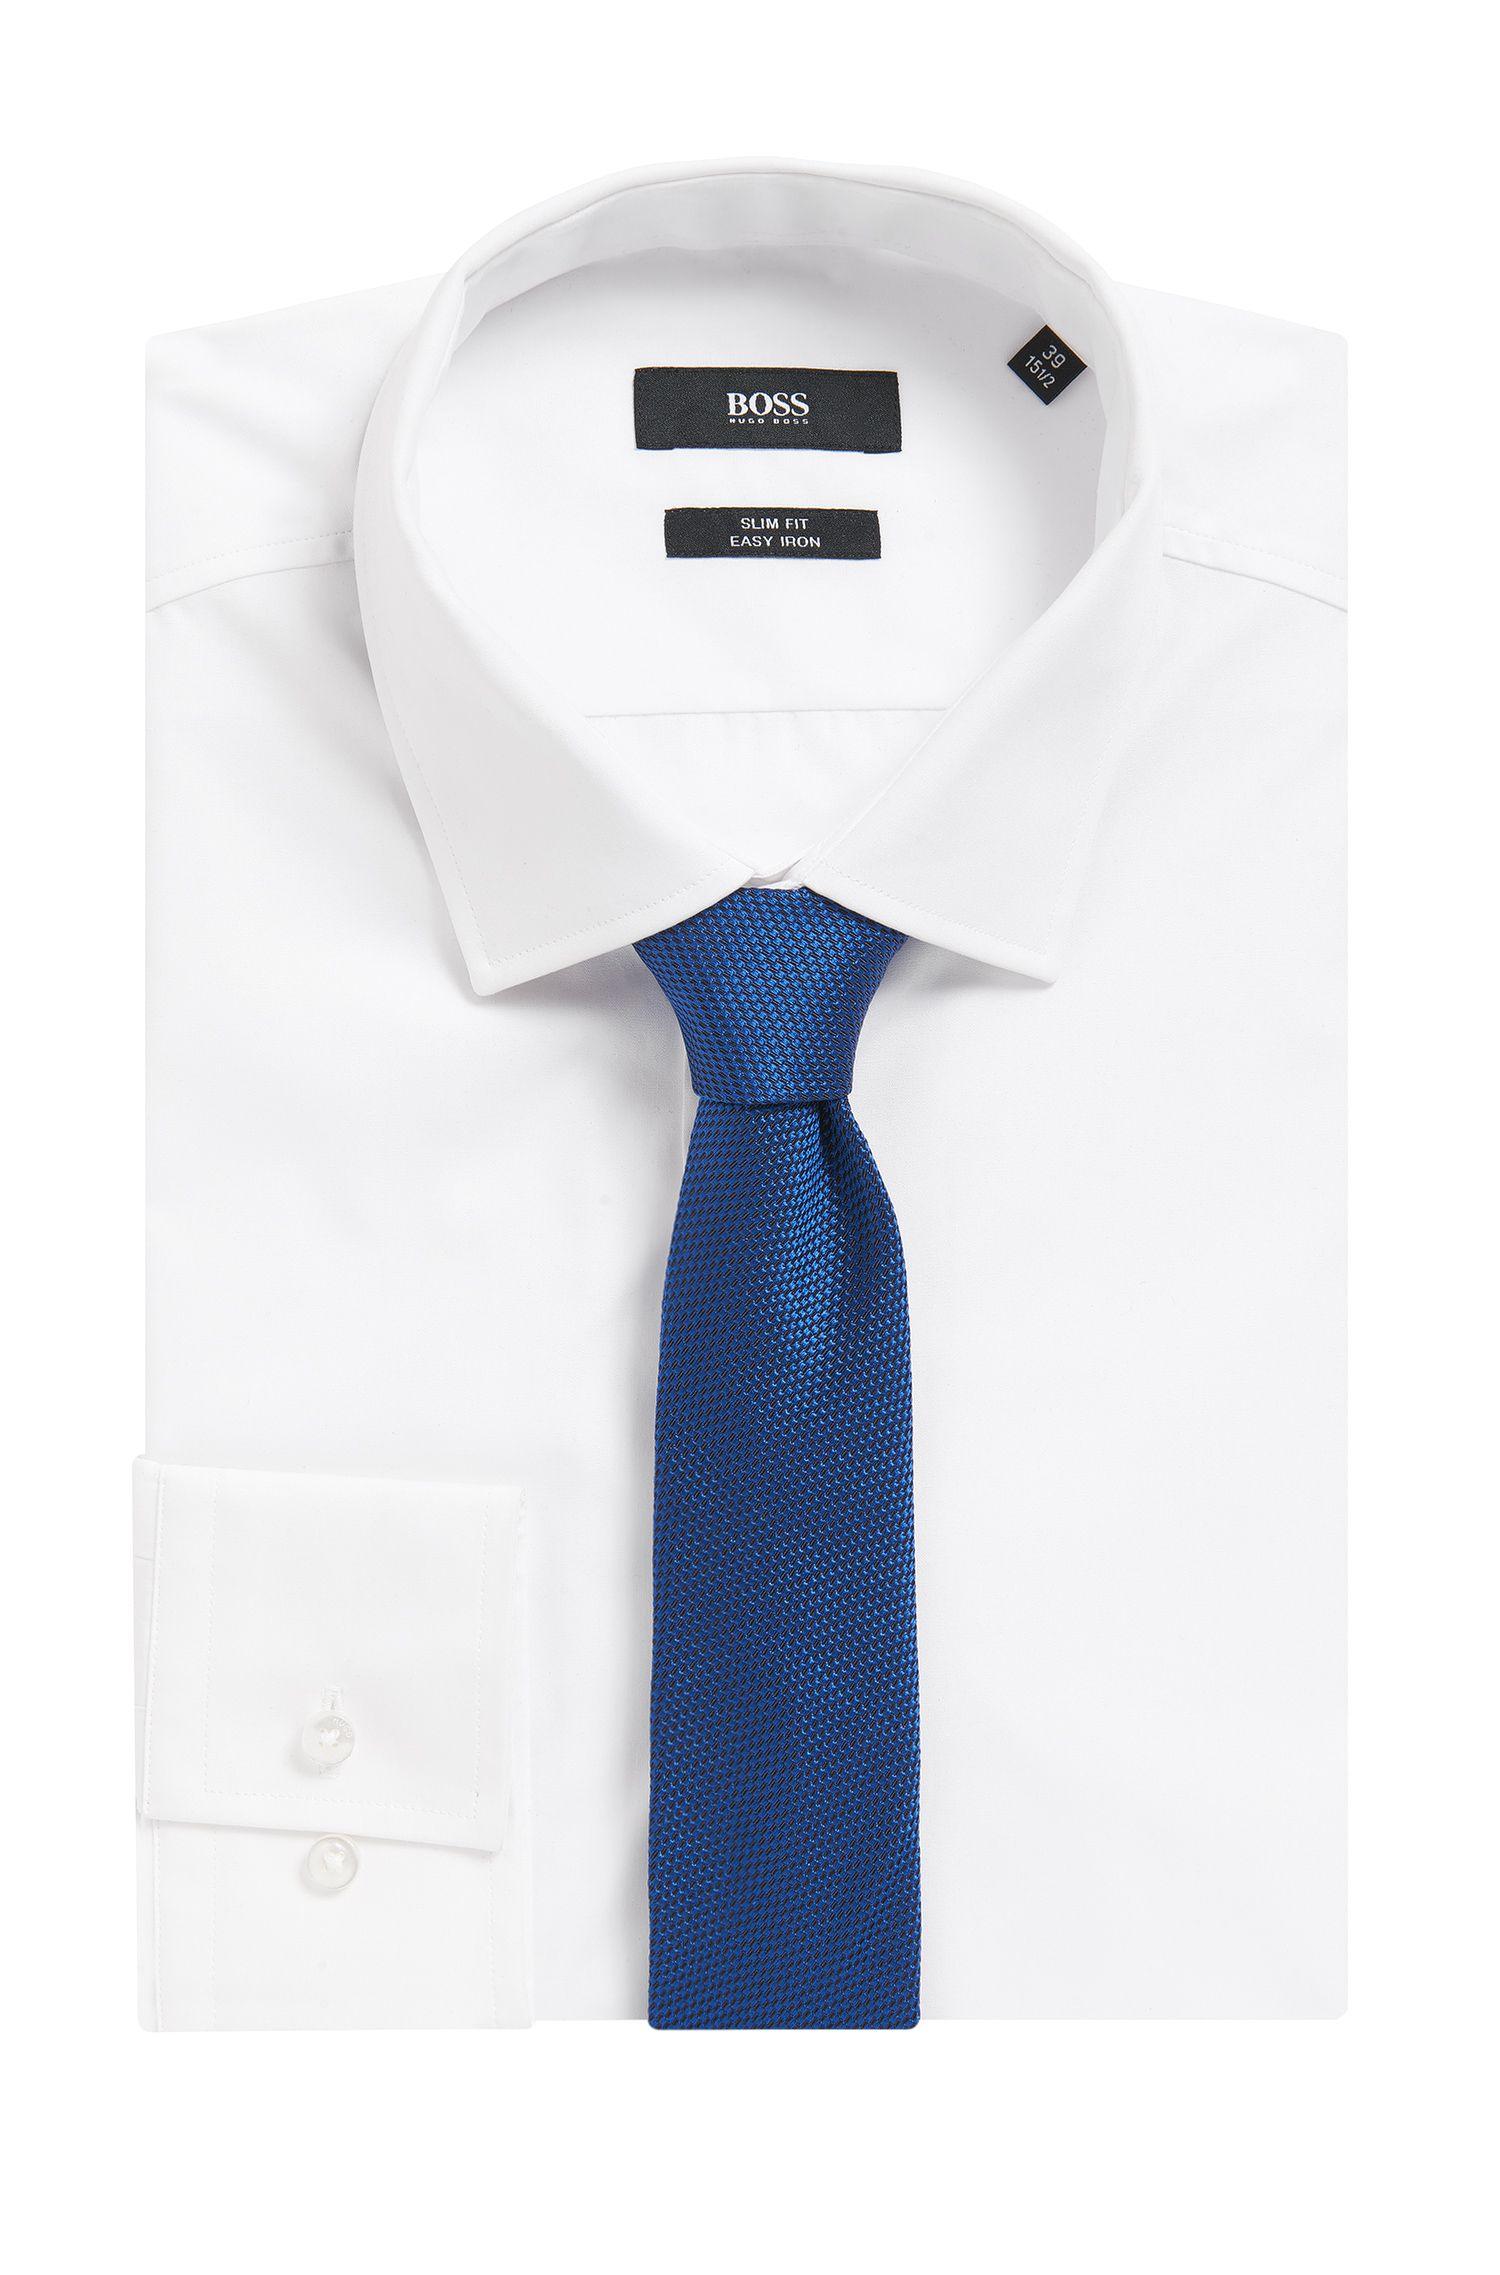 BOSS Tailored Sharkskin Italian Silk Slim Tie, Turquoise